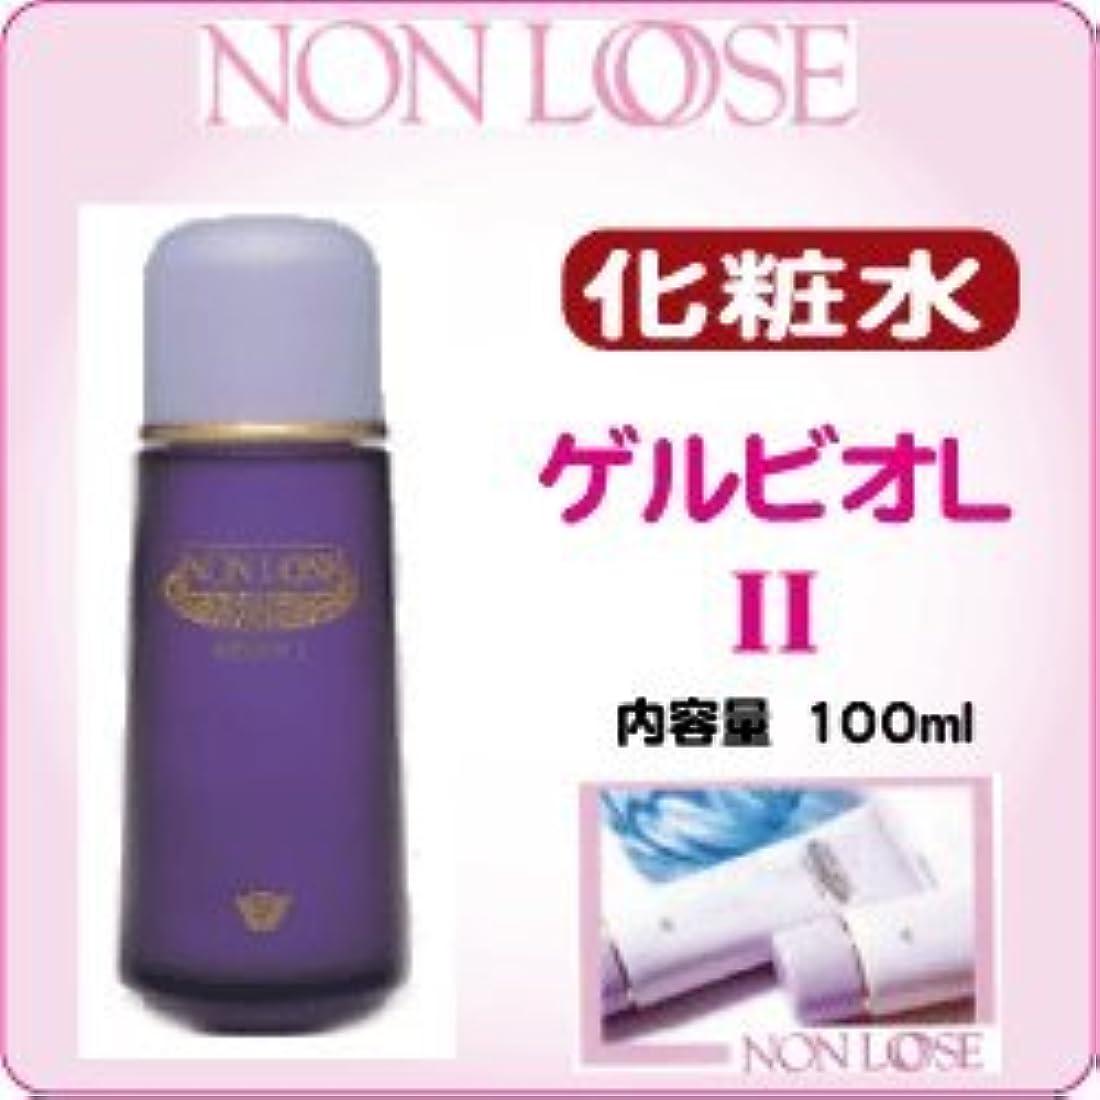 割合くるくるヨーグルトベルマン化粧品:ゲルビオL-Ⅱ(100ml)